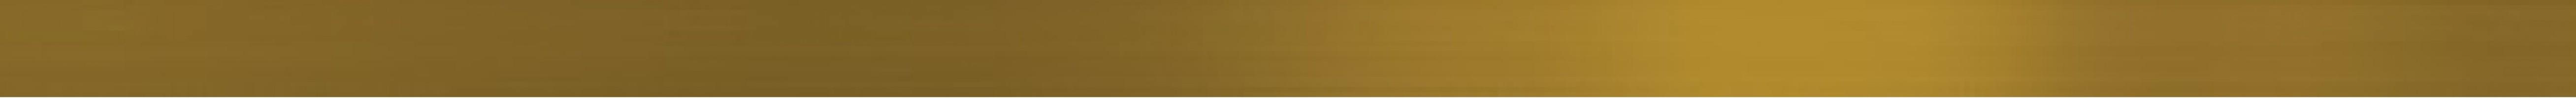 Бордюр Laparet Универсальные элементы метал. золото глянцевое 3x60 501360В